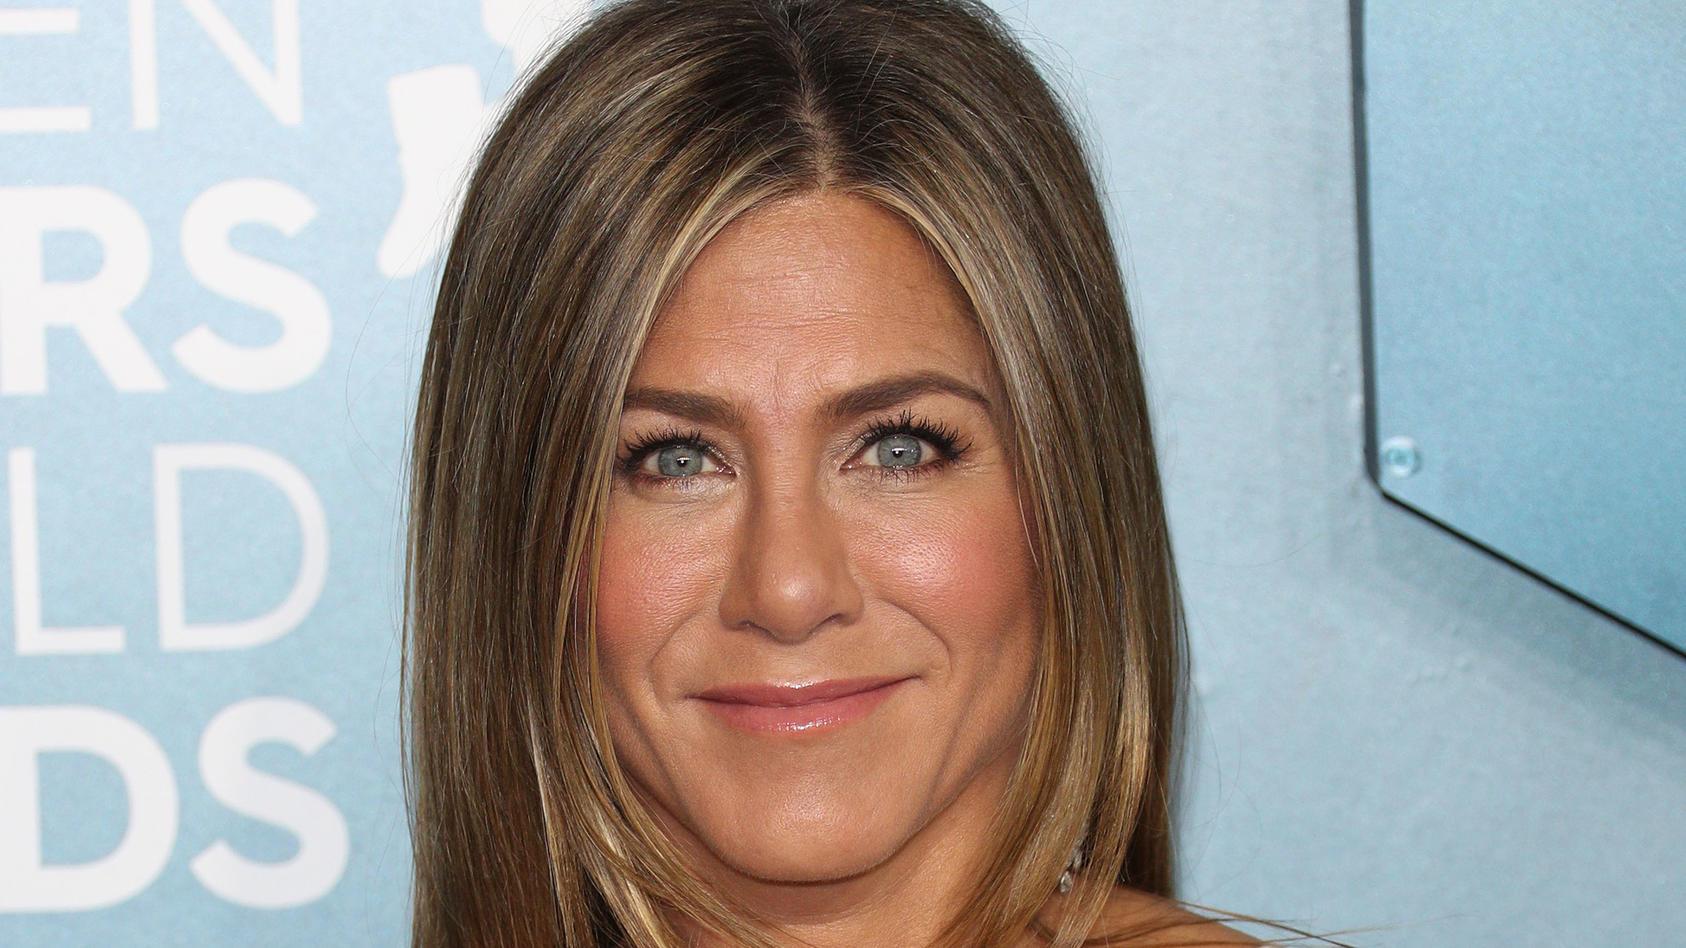 Wir zeigen, wie traumhaft schön Jennifer Aniston in Bel Air lebt.